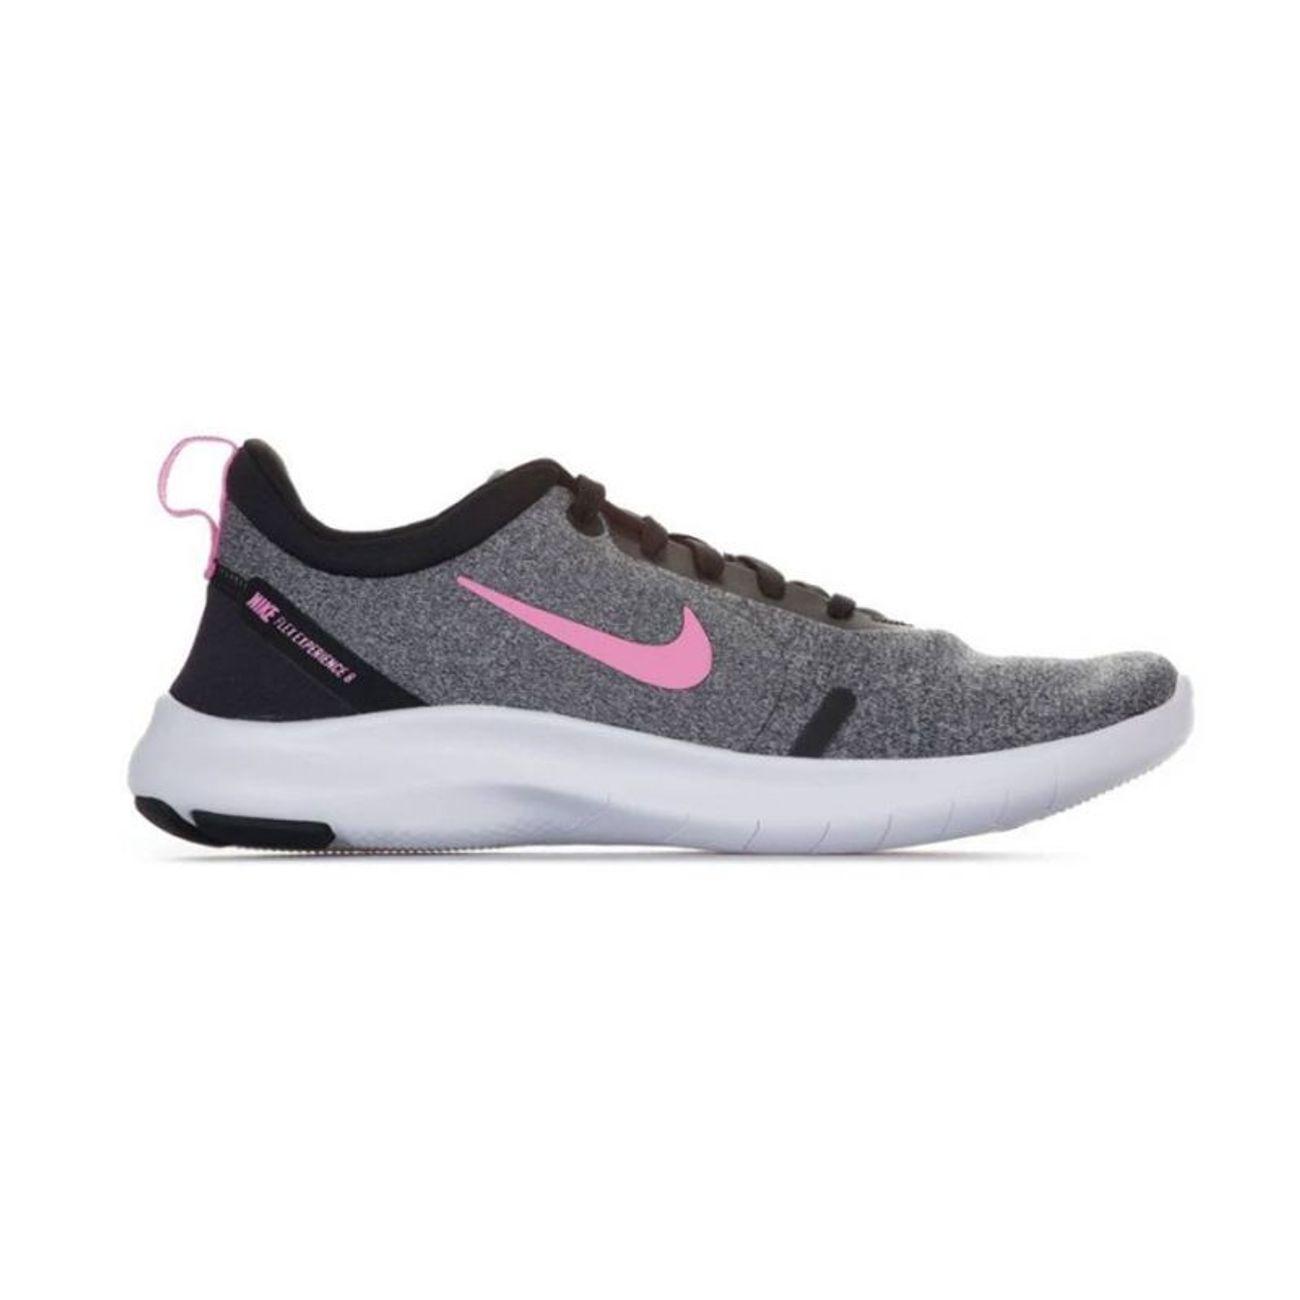 Gris Padel Mujer 8 Nike Adulte Experience Flex Rn 003 Niaj5908 zMSUVp